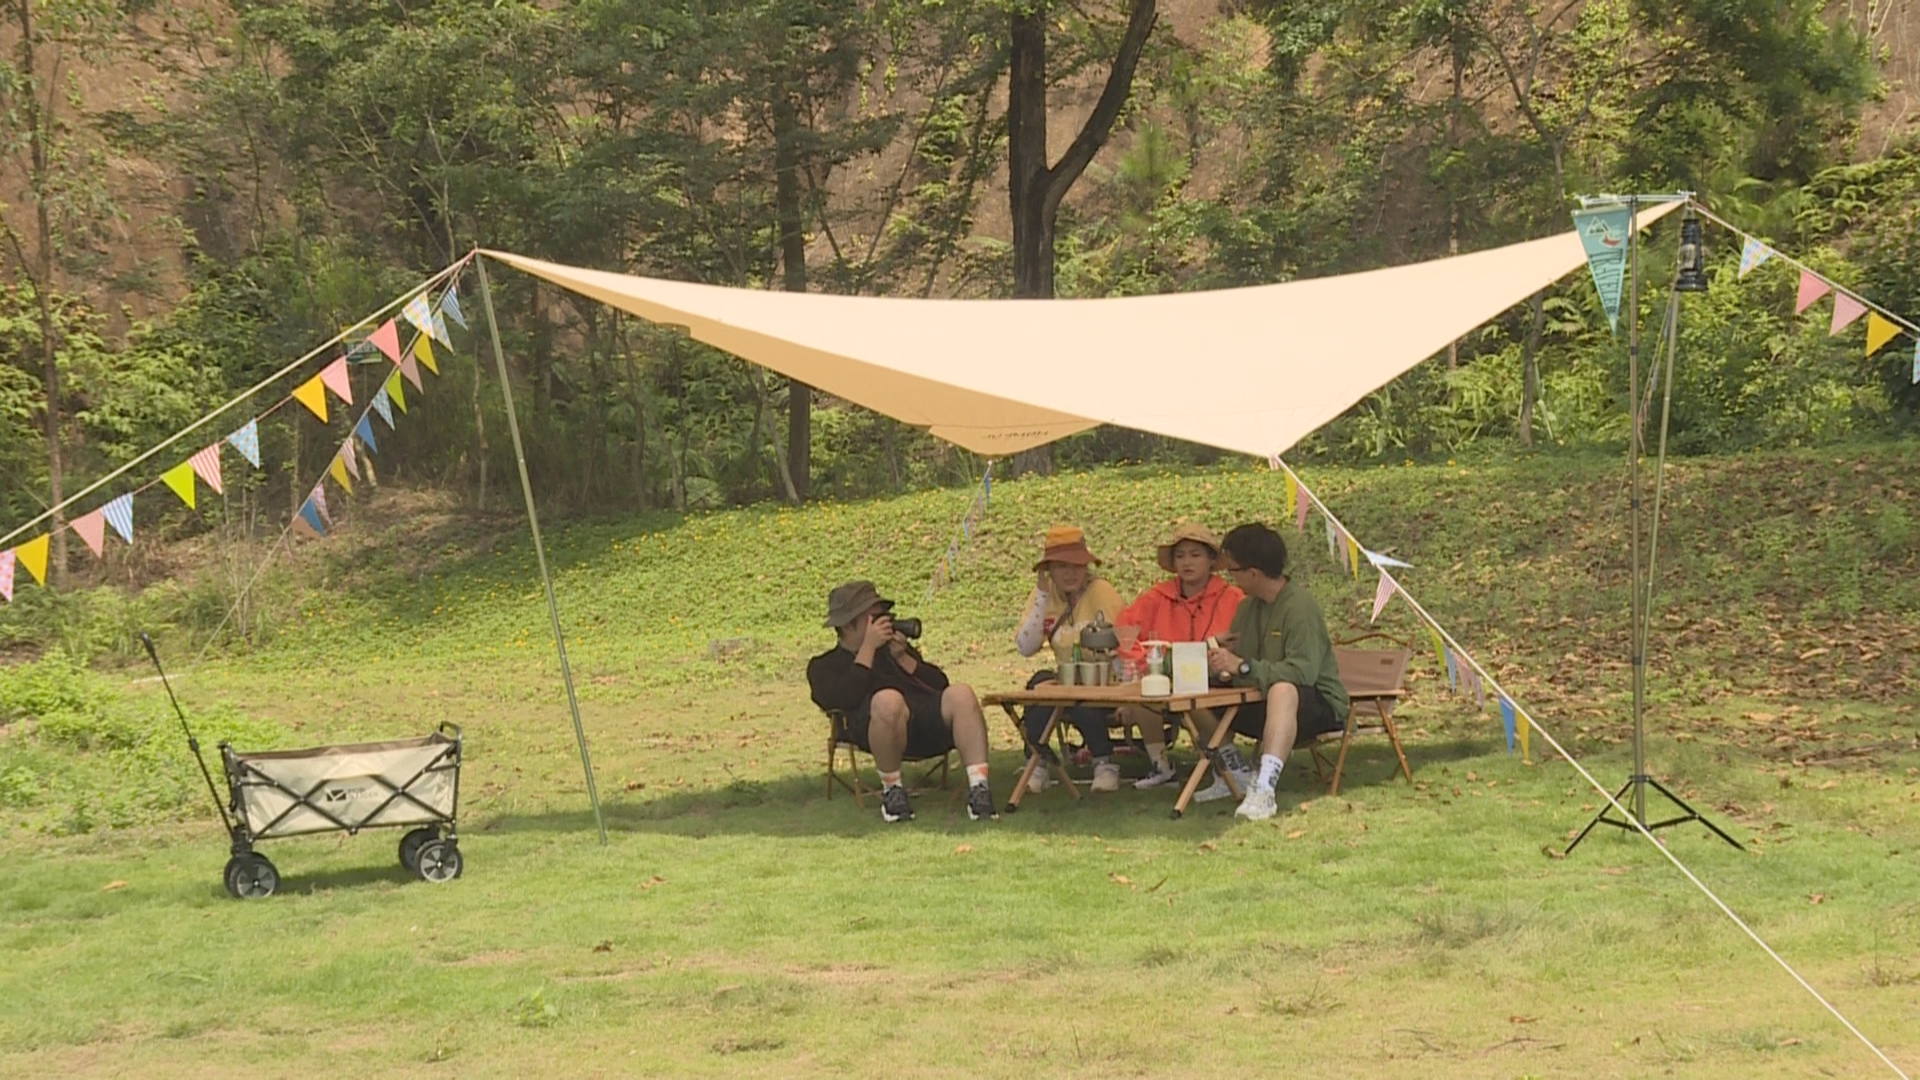 假期来了 到这个国家3A级景区露营去吧